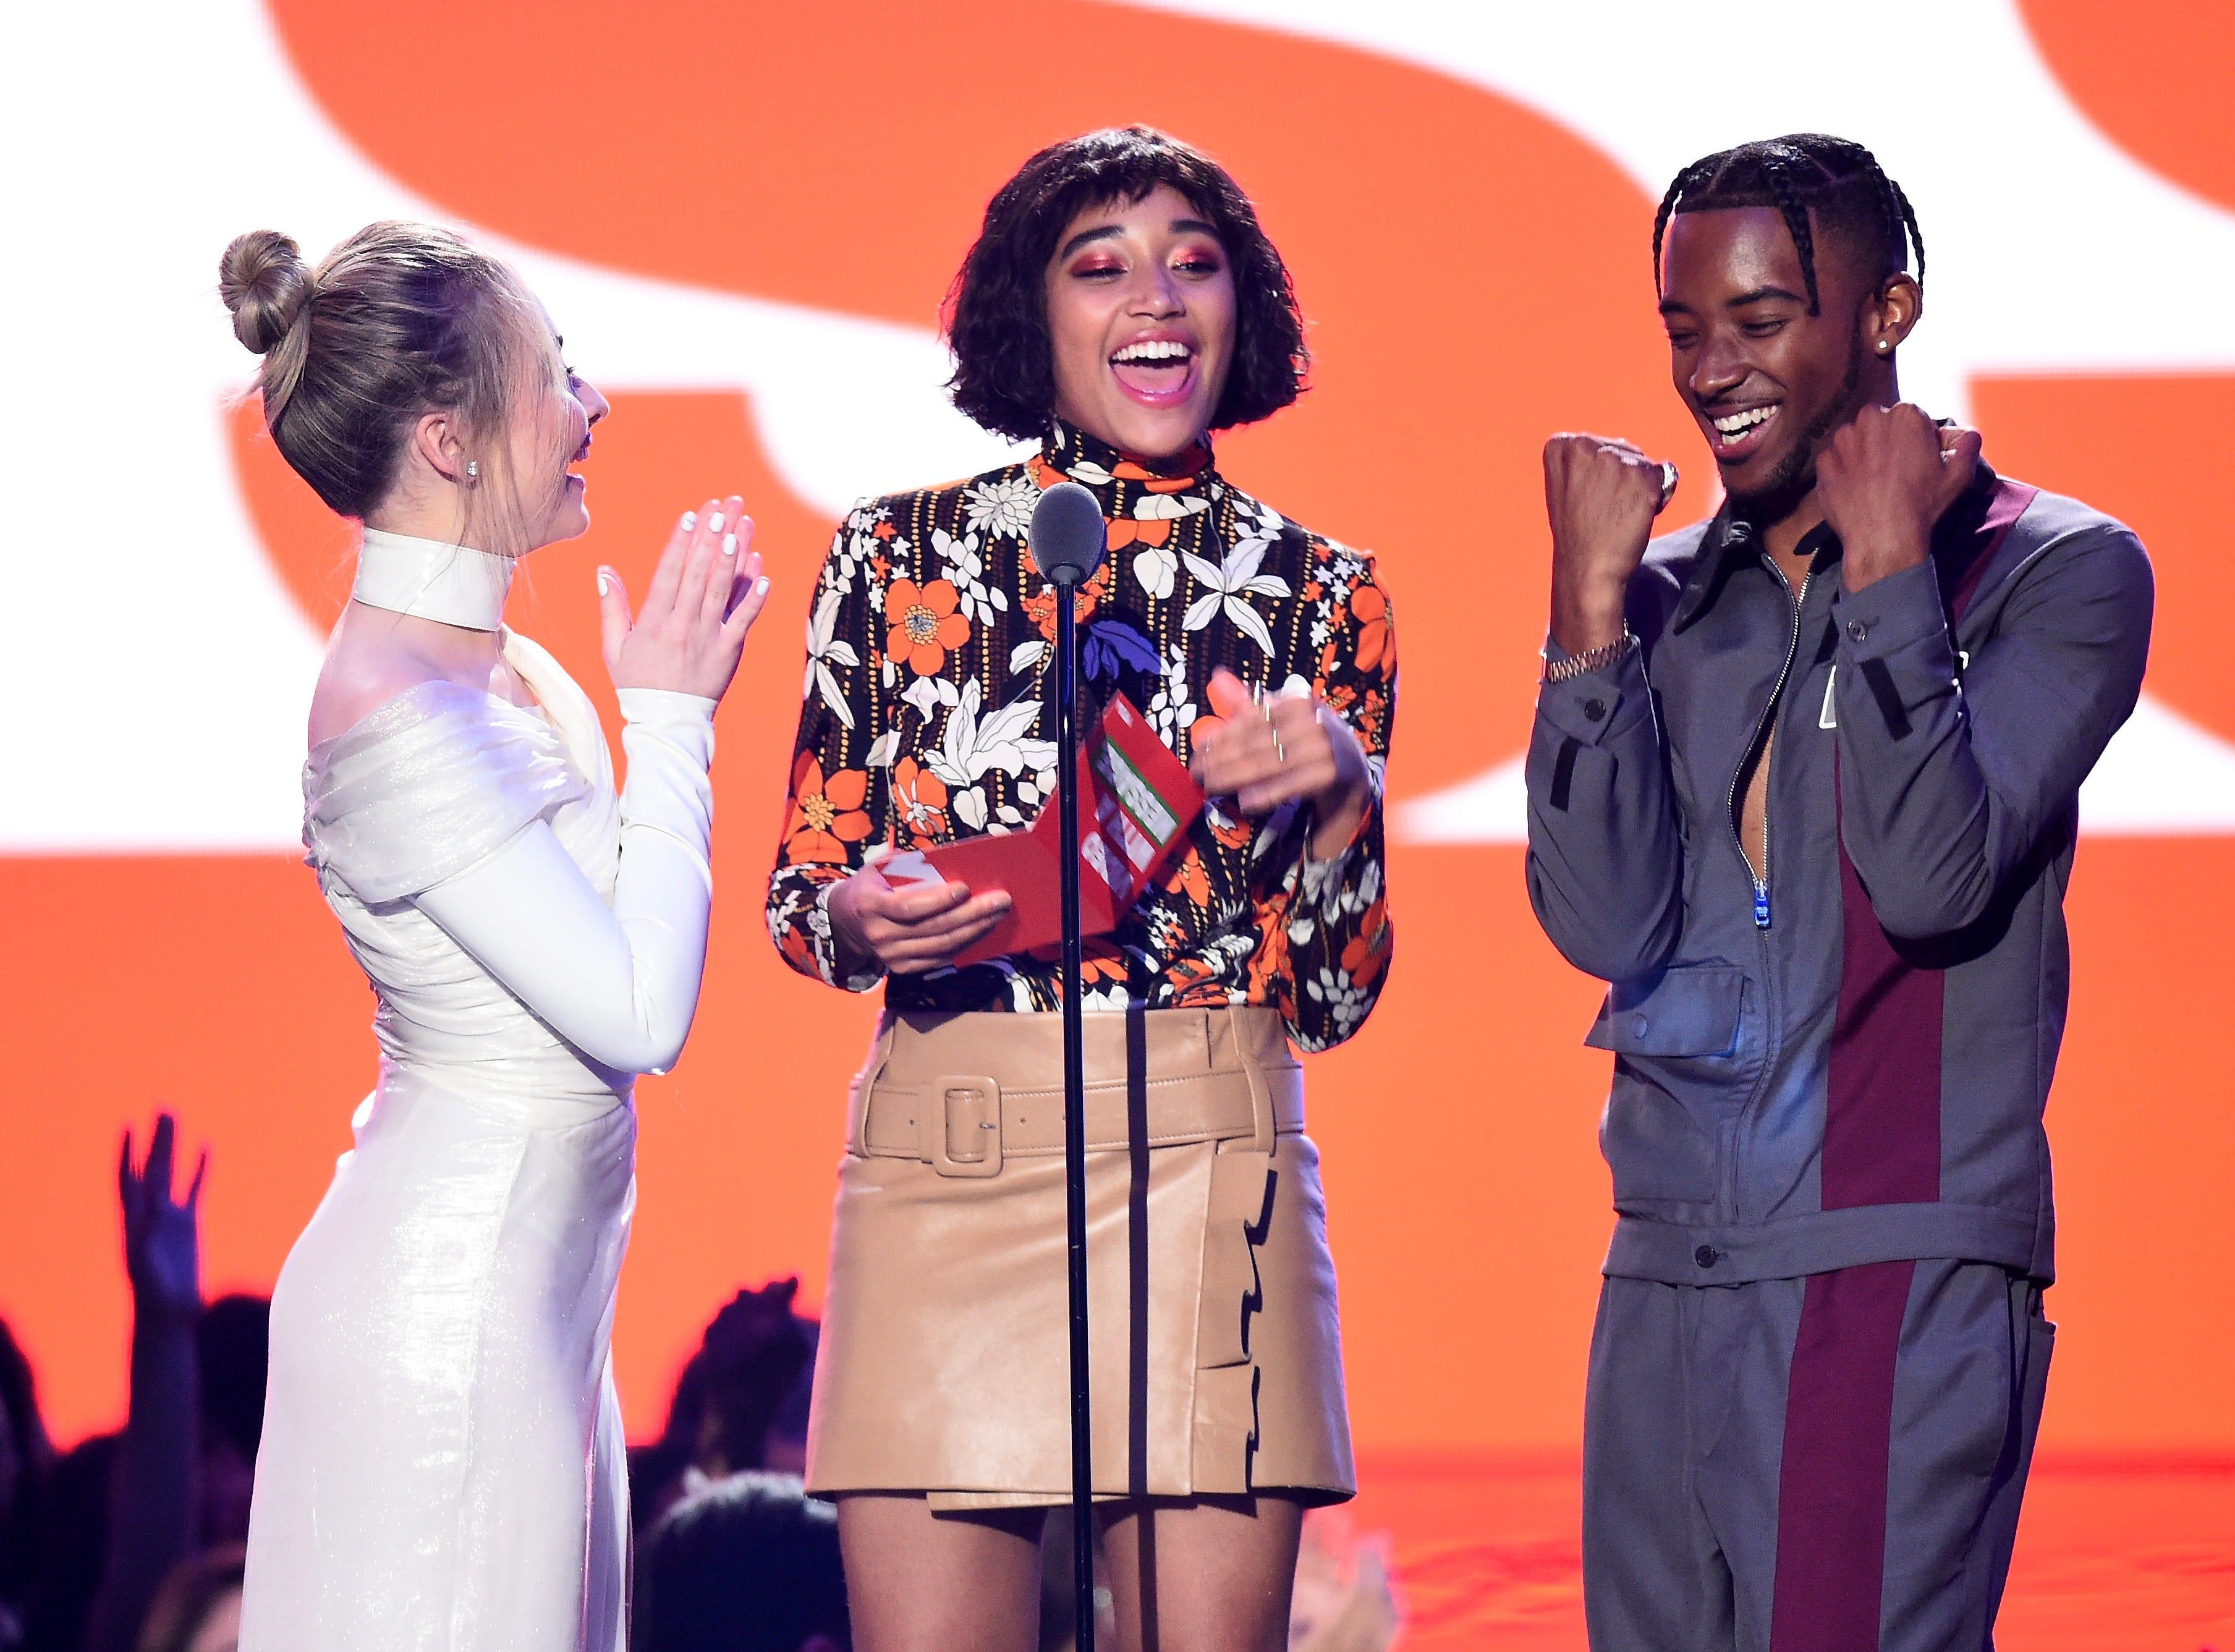 Sabrina Carpenter, Amandla Stenberg y Algee Smith hablan en el escenario durante los MTV Video Music Awards de 2018 en el Radio City Music Hall el 20 de agosto de 2018 en la ciudad de Nueva York.